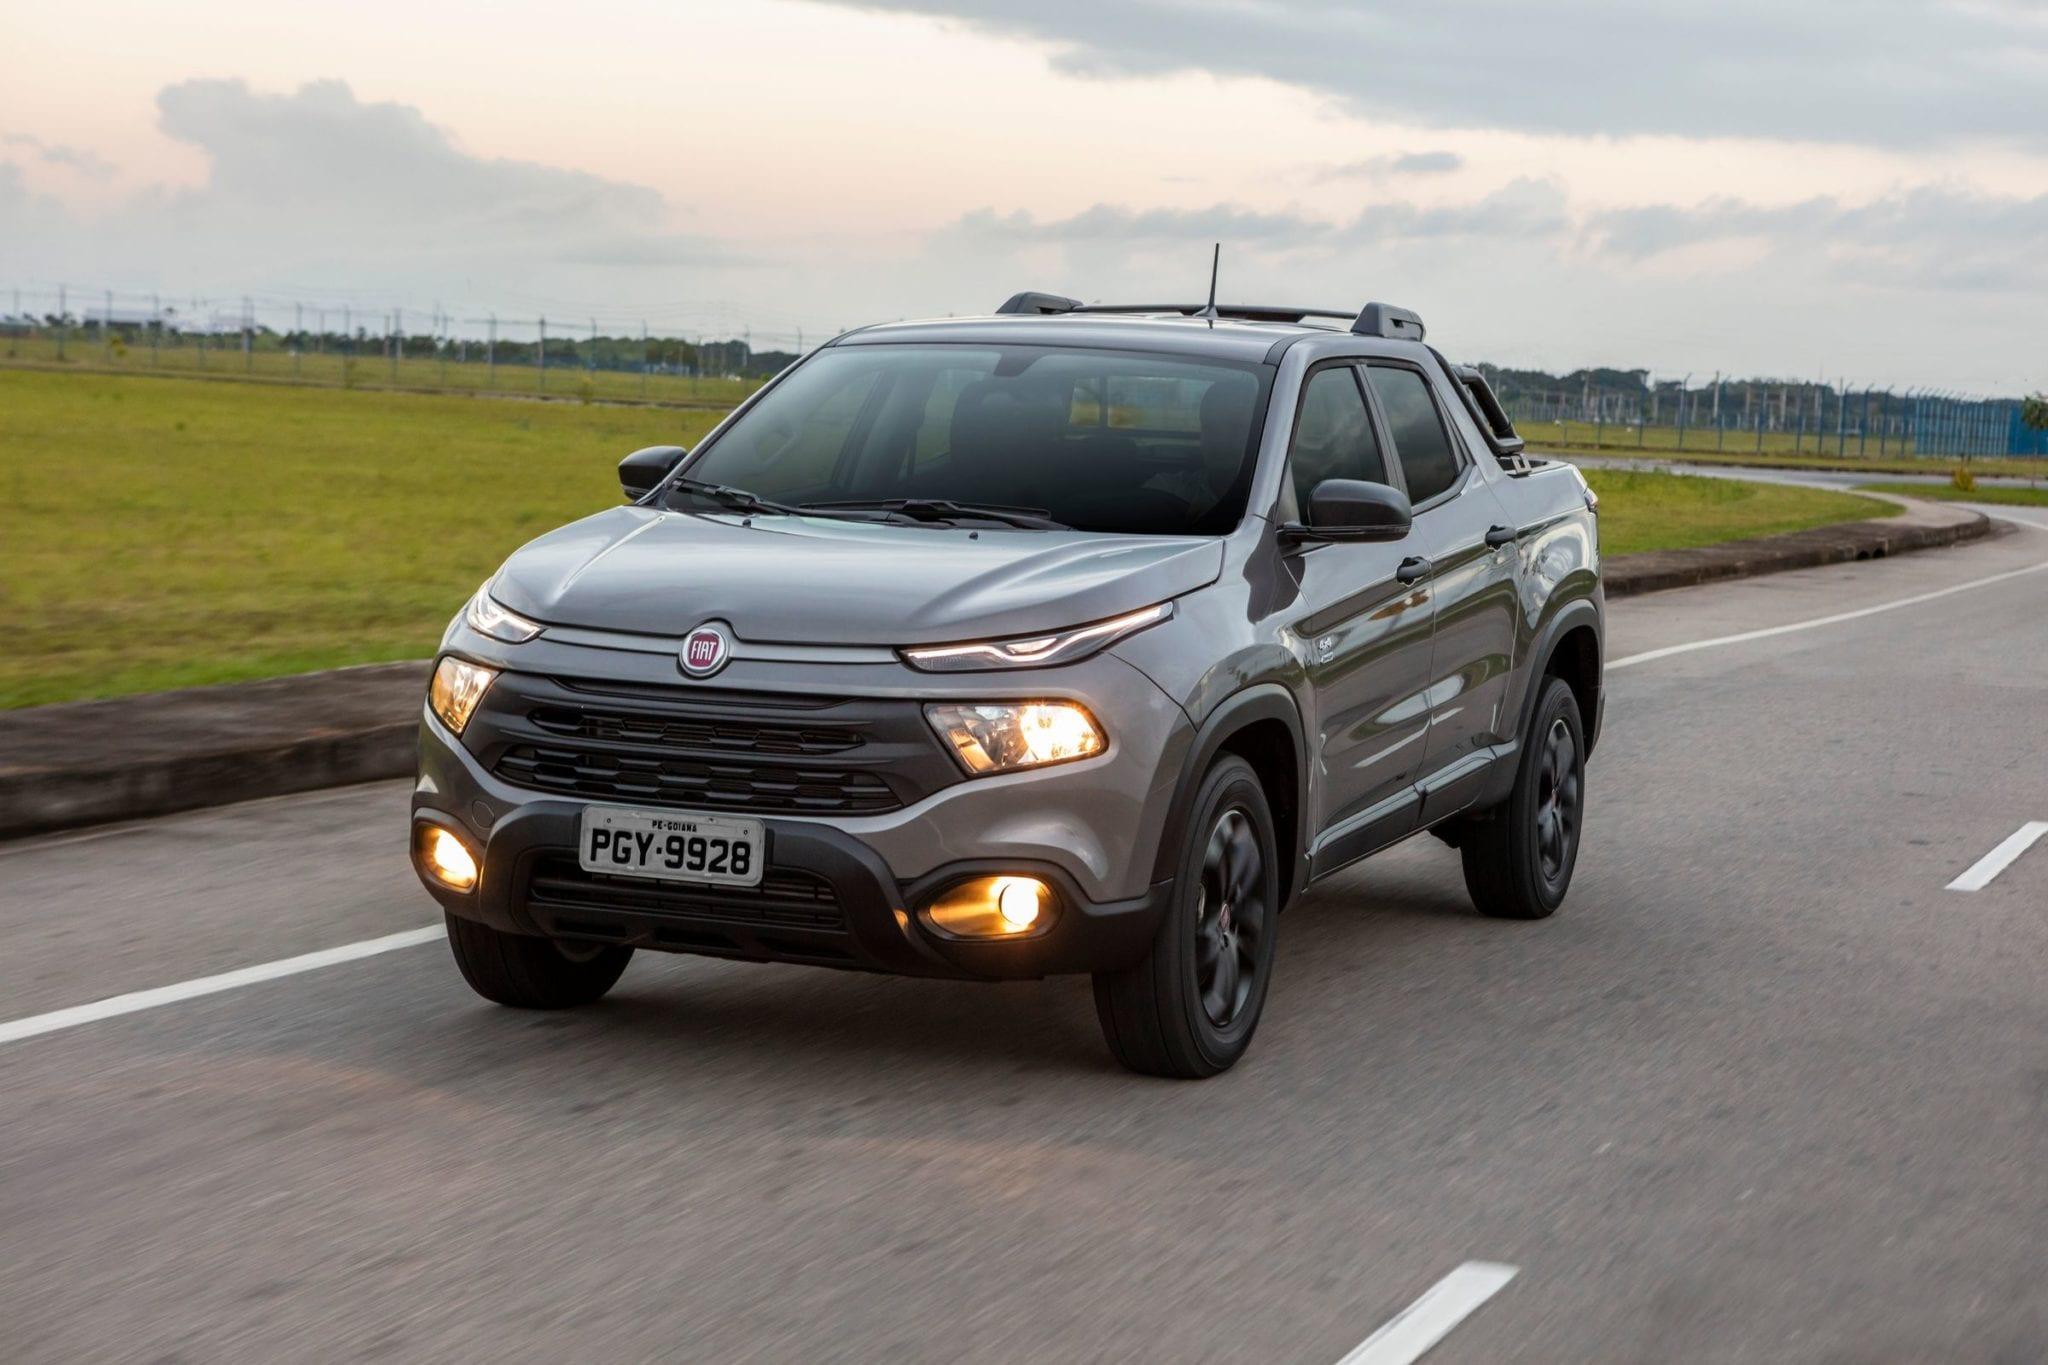 Fiat tem 3 veículos no topo do ranking dos mais vendidos em abril Fiat Toro Endurance 2 0 Diesel 003 large scaled